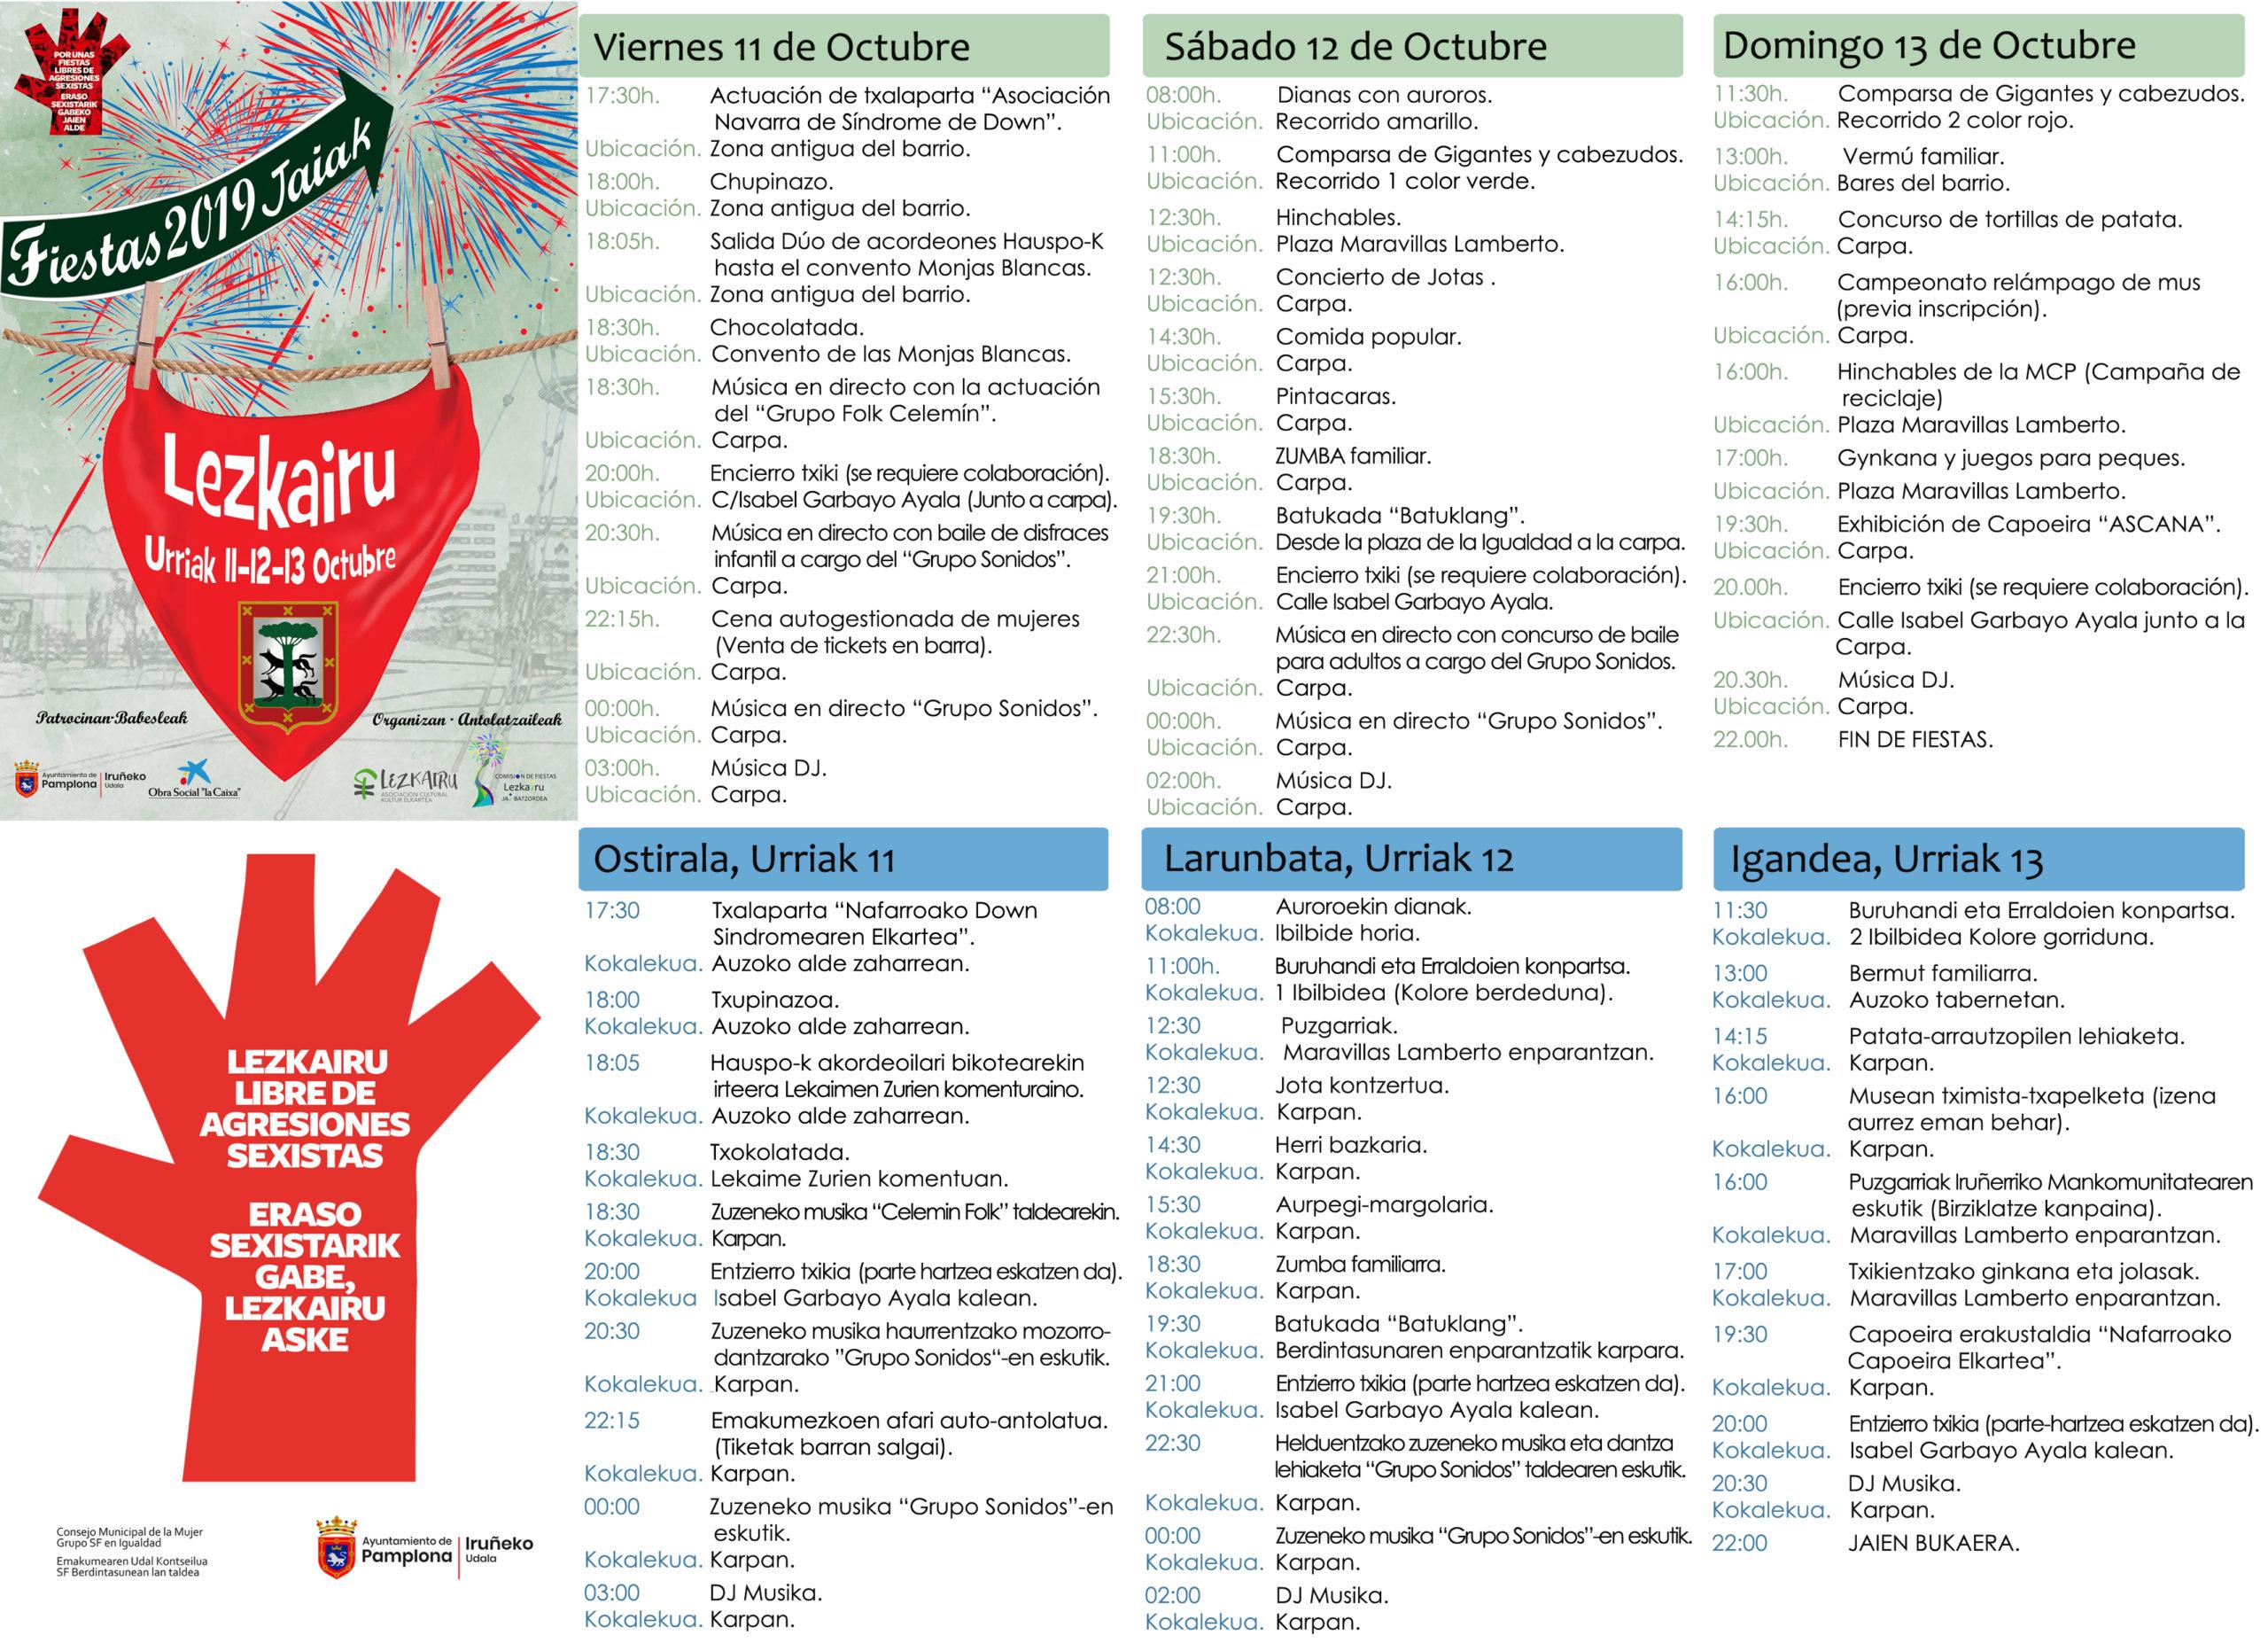 Fiestas Lezkairu 2019: programa